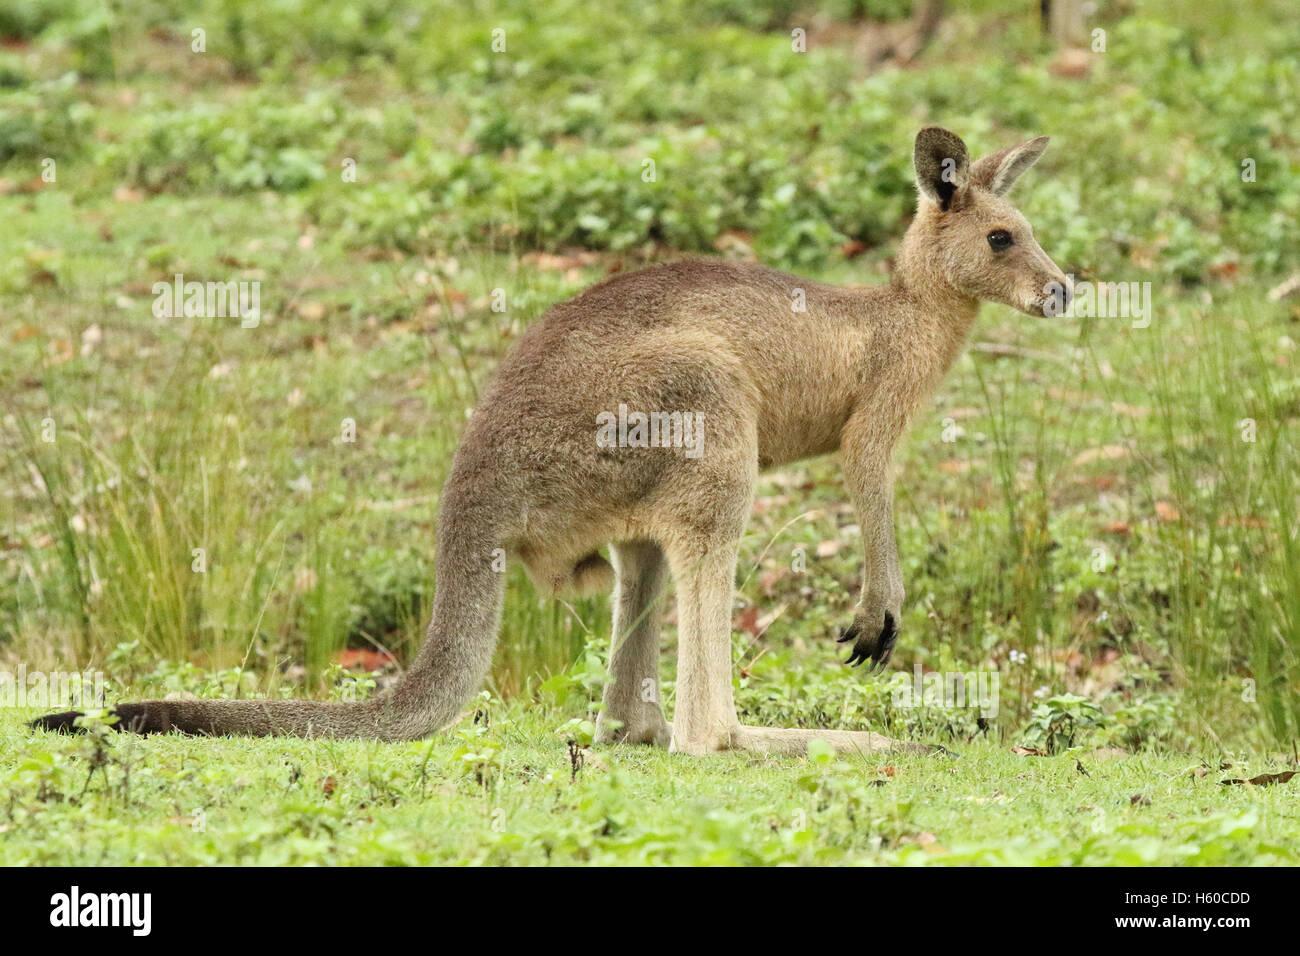 Un kangourou pour mineurs à la route. Photo Stock